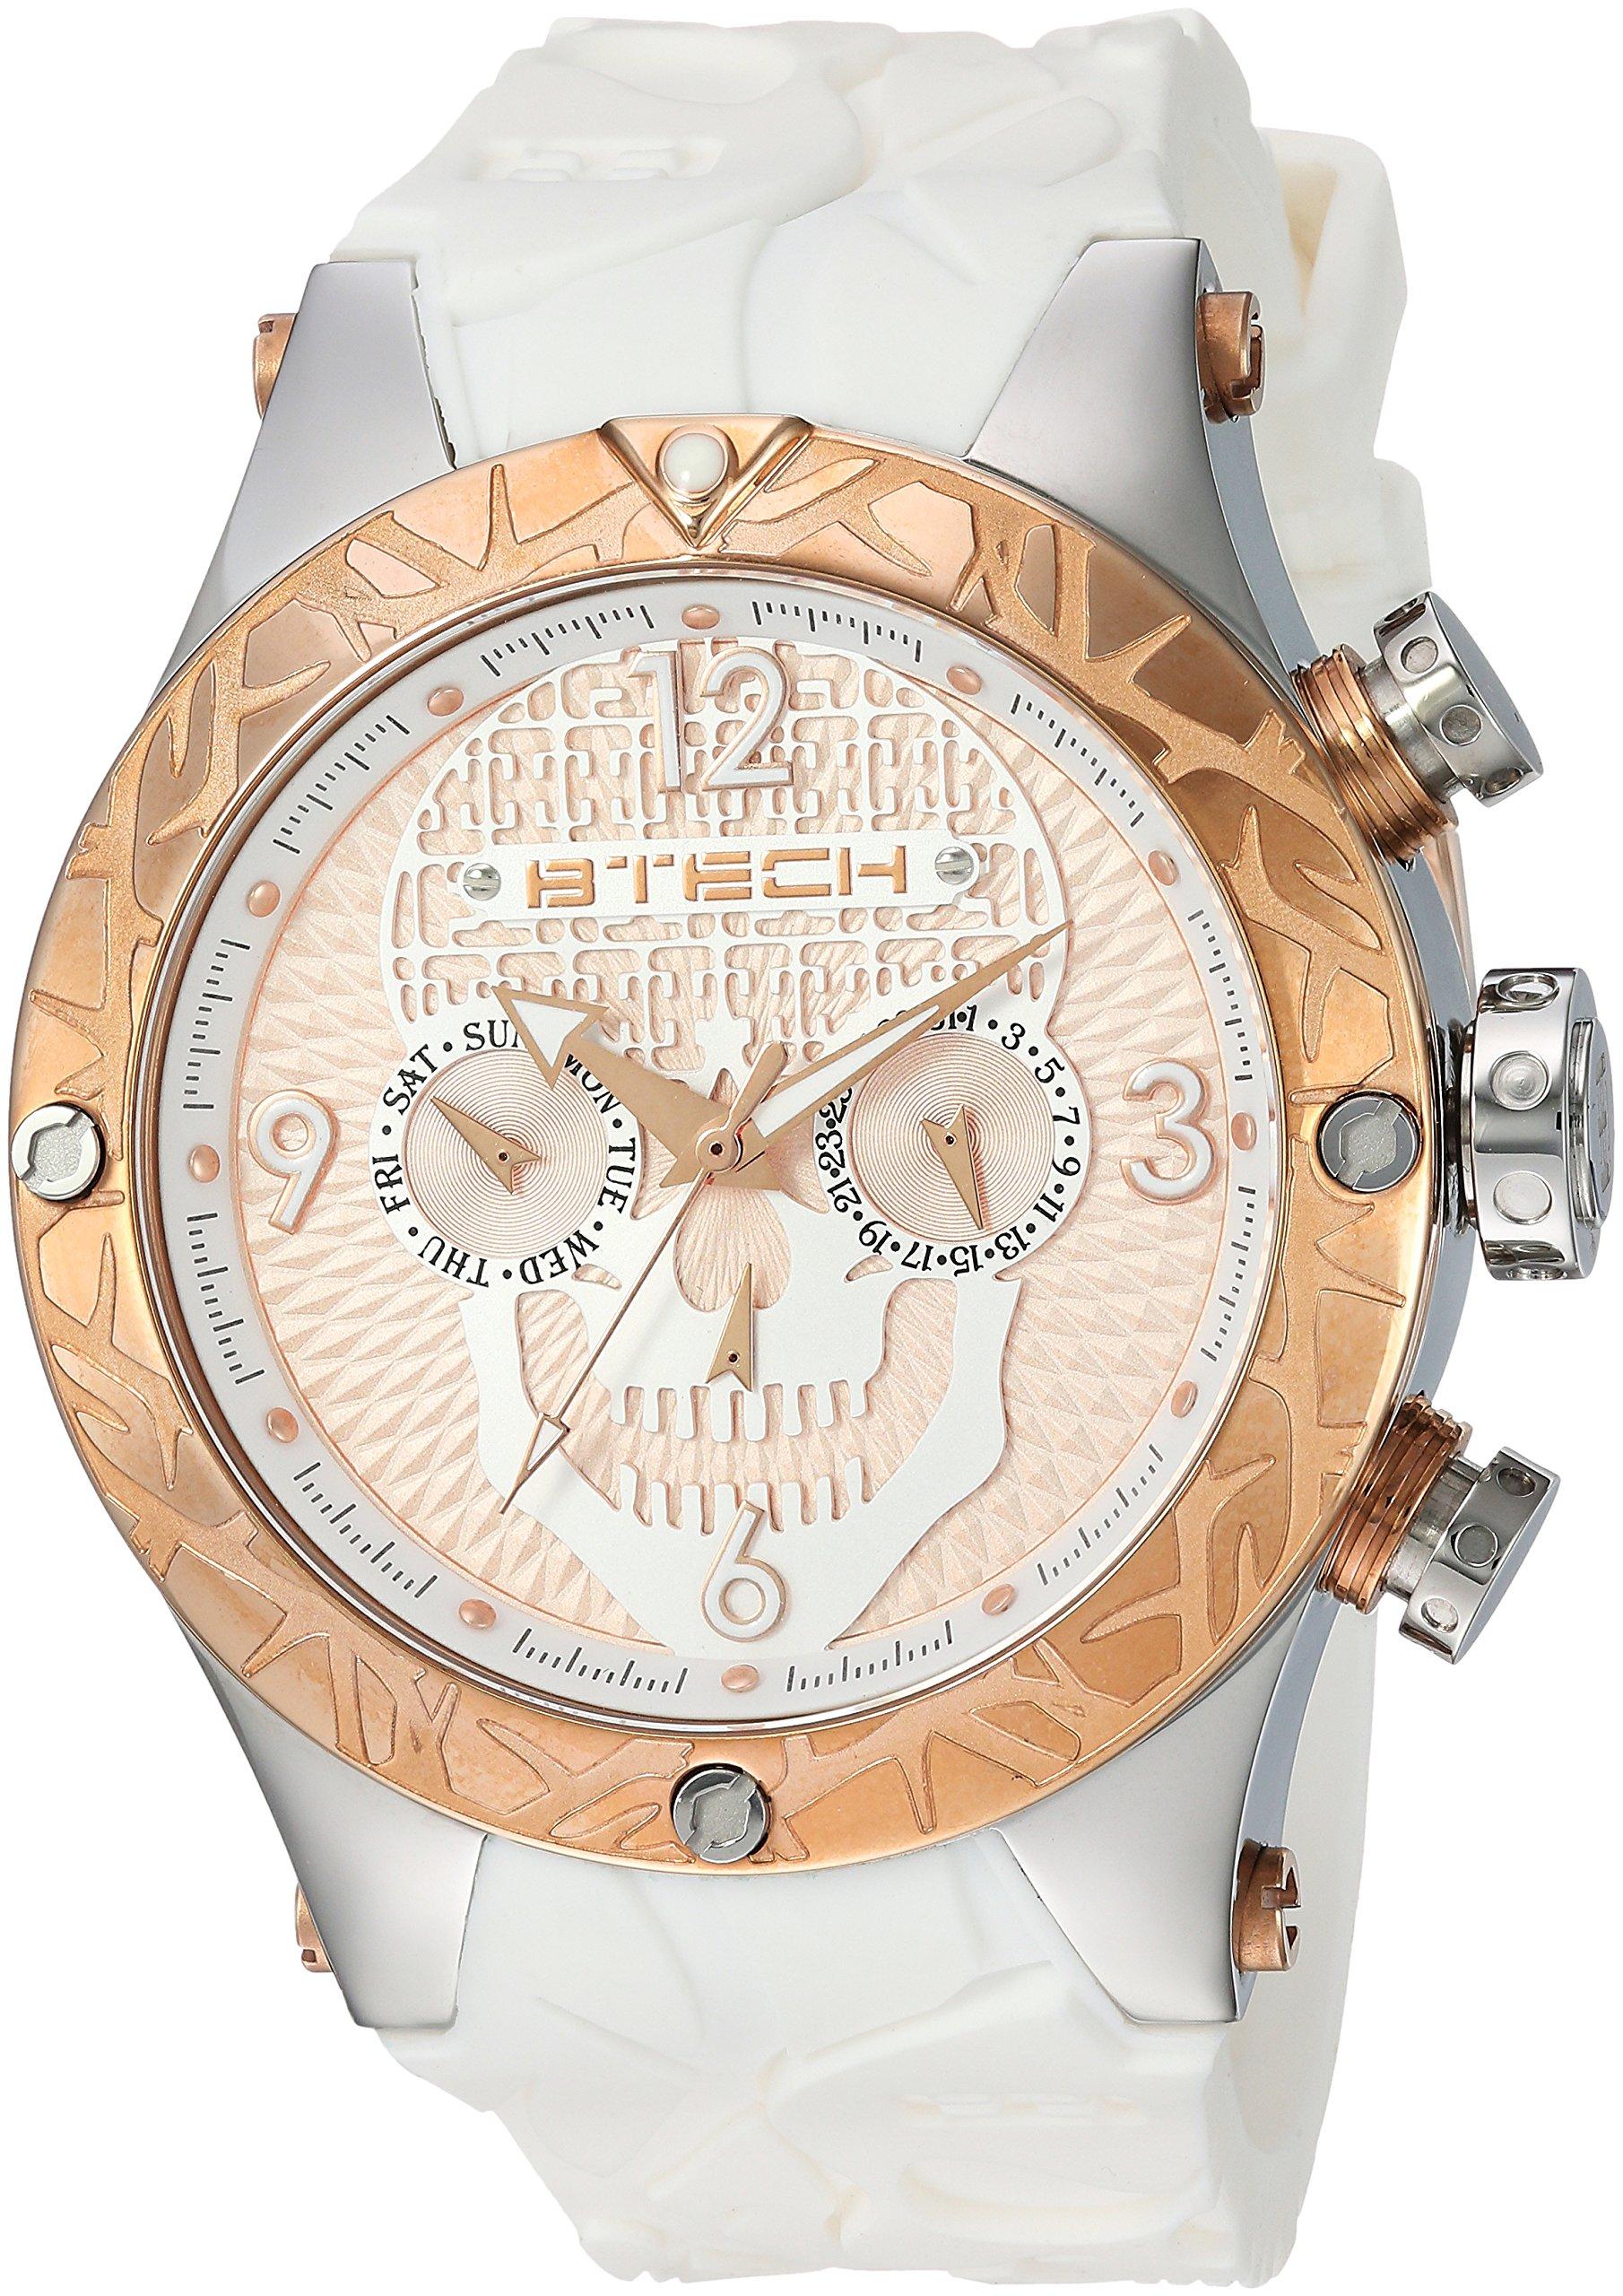 BTECH BT-CA-613-01 Unisex Tattoo Calavera, White